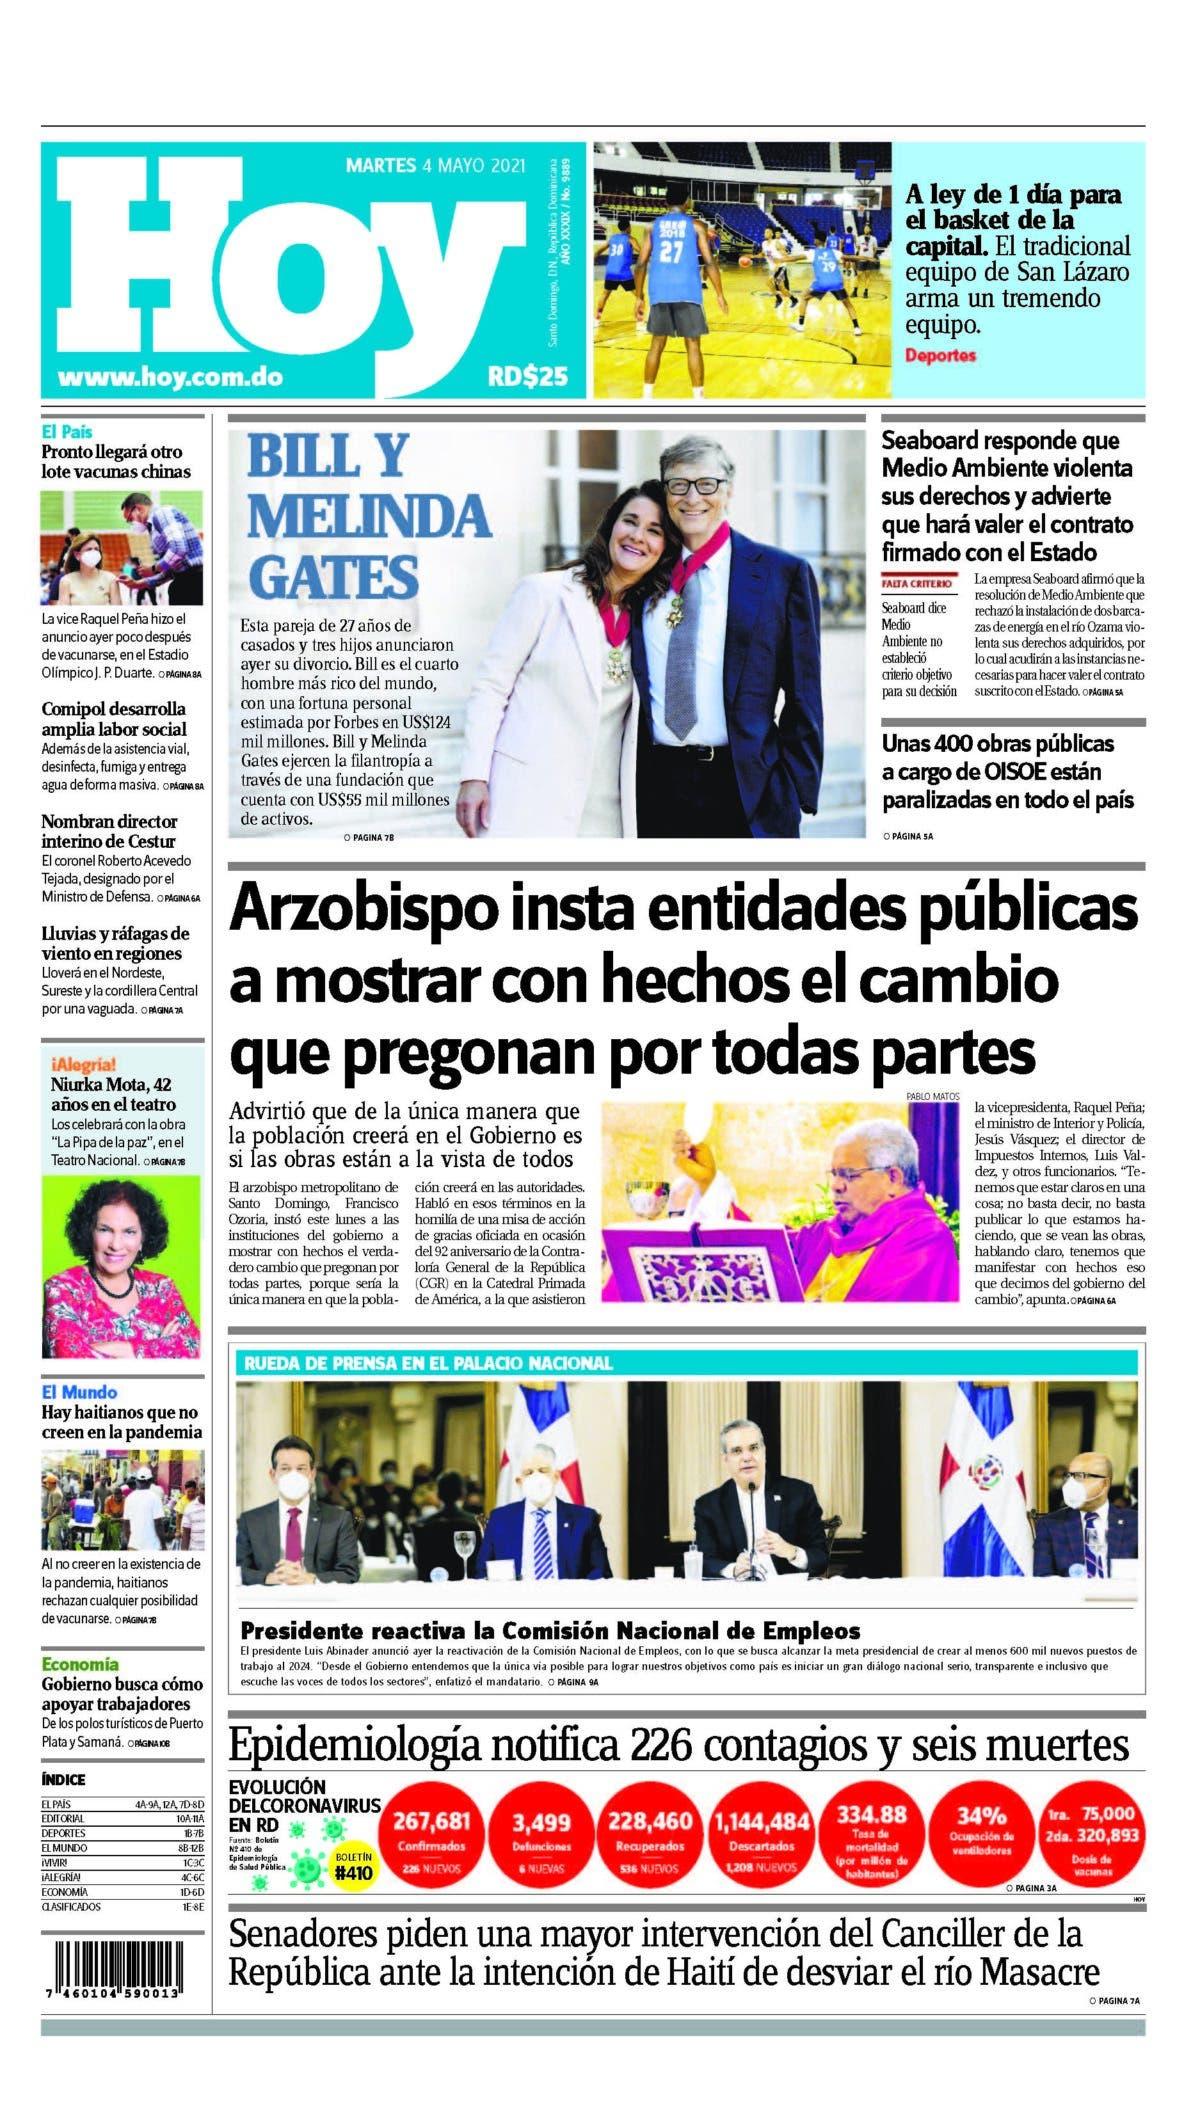 Portada Periódico Hoy, Martes 04 de Mayo, 2021